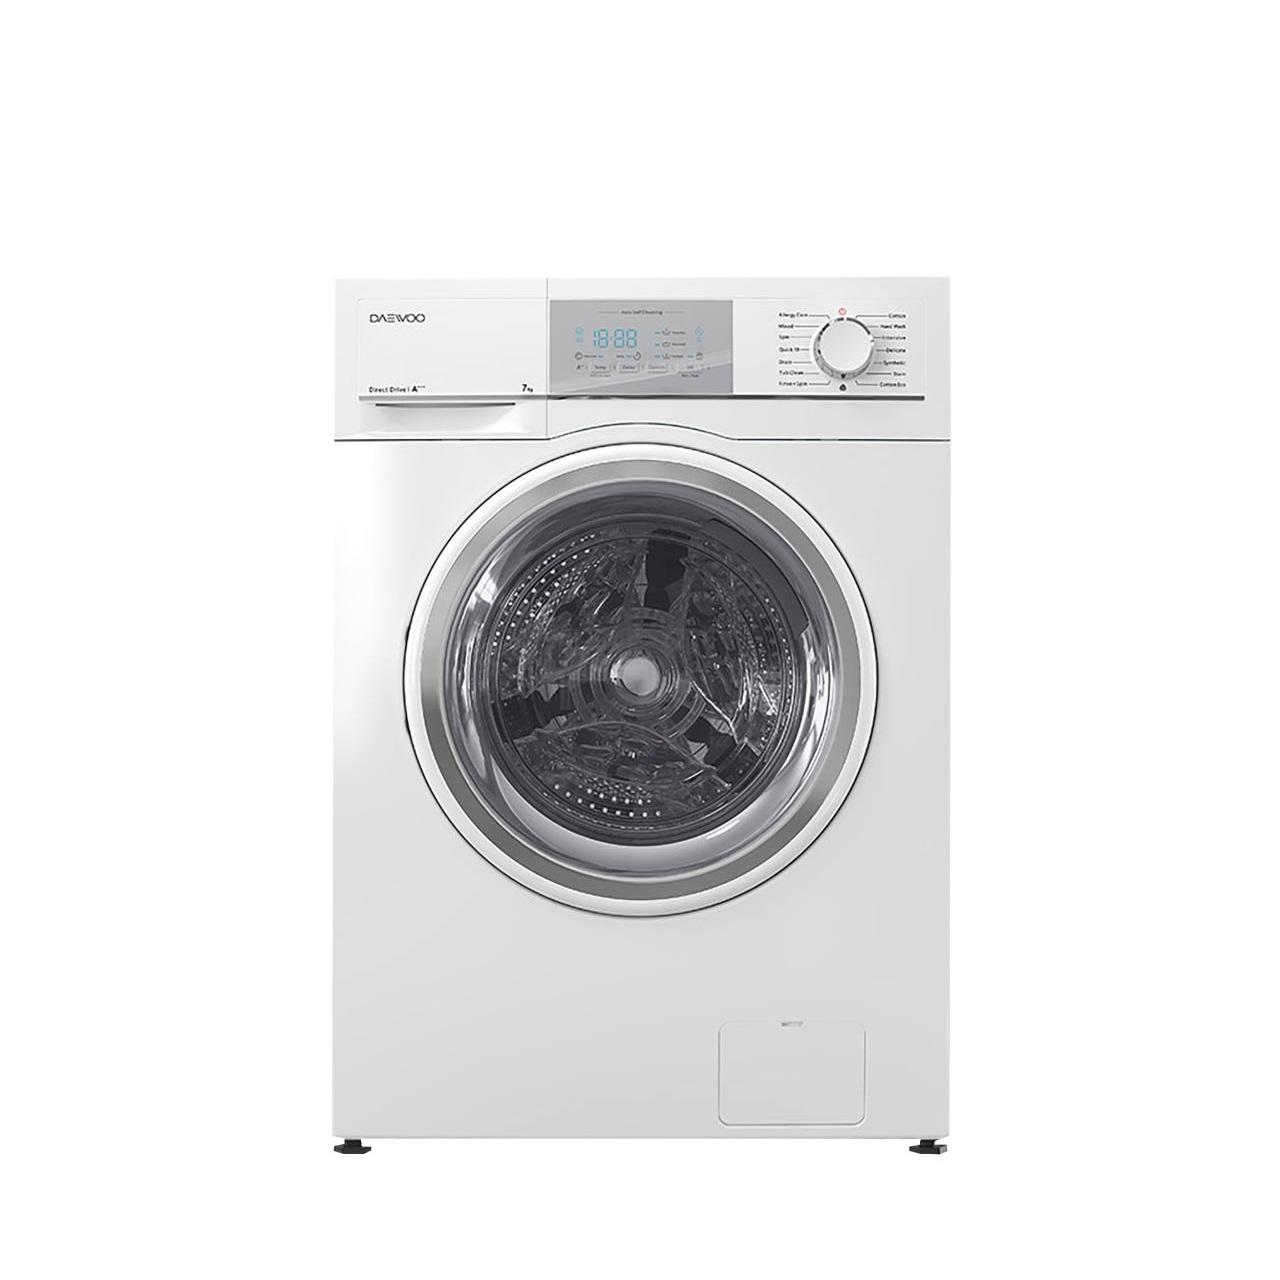 ماشین لباسشویی دوو مدل DWK-7020